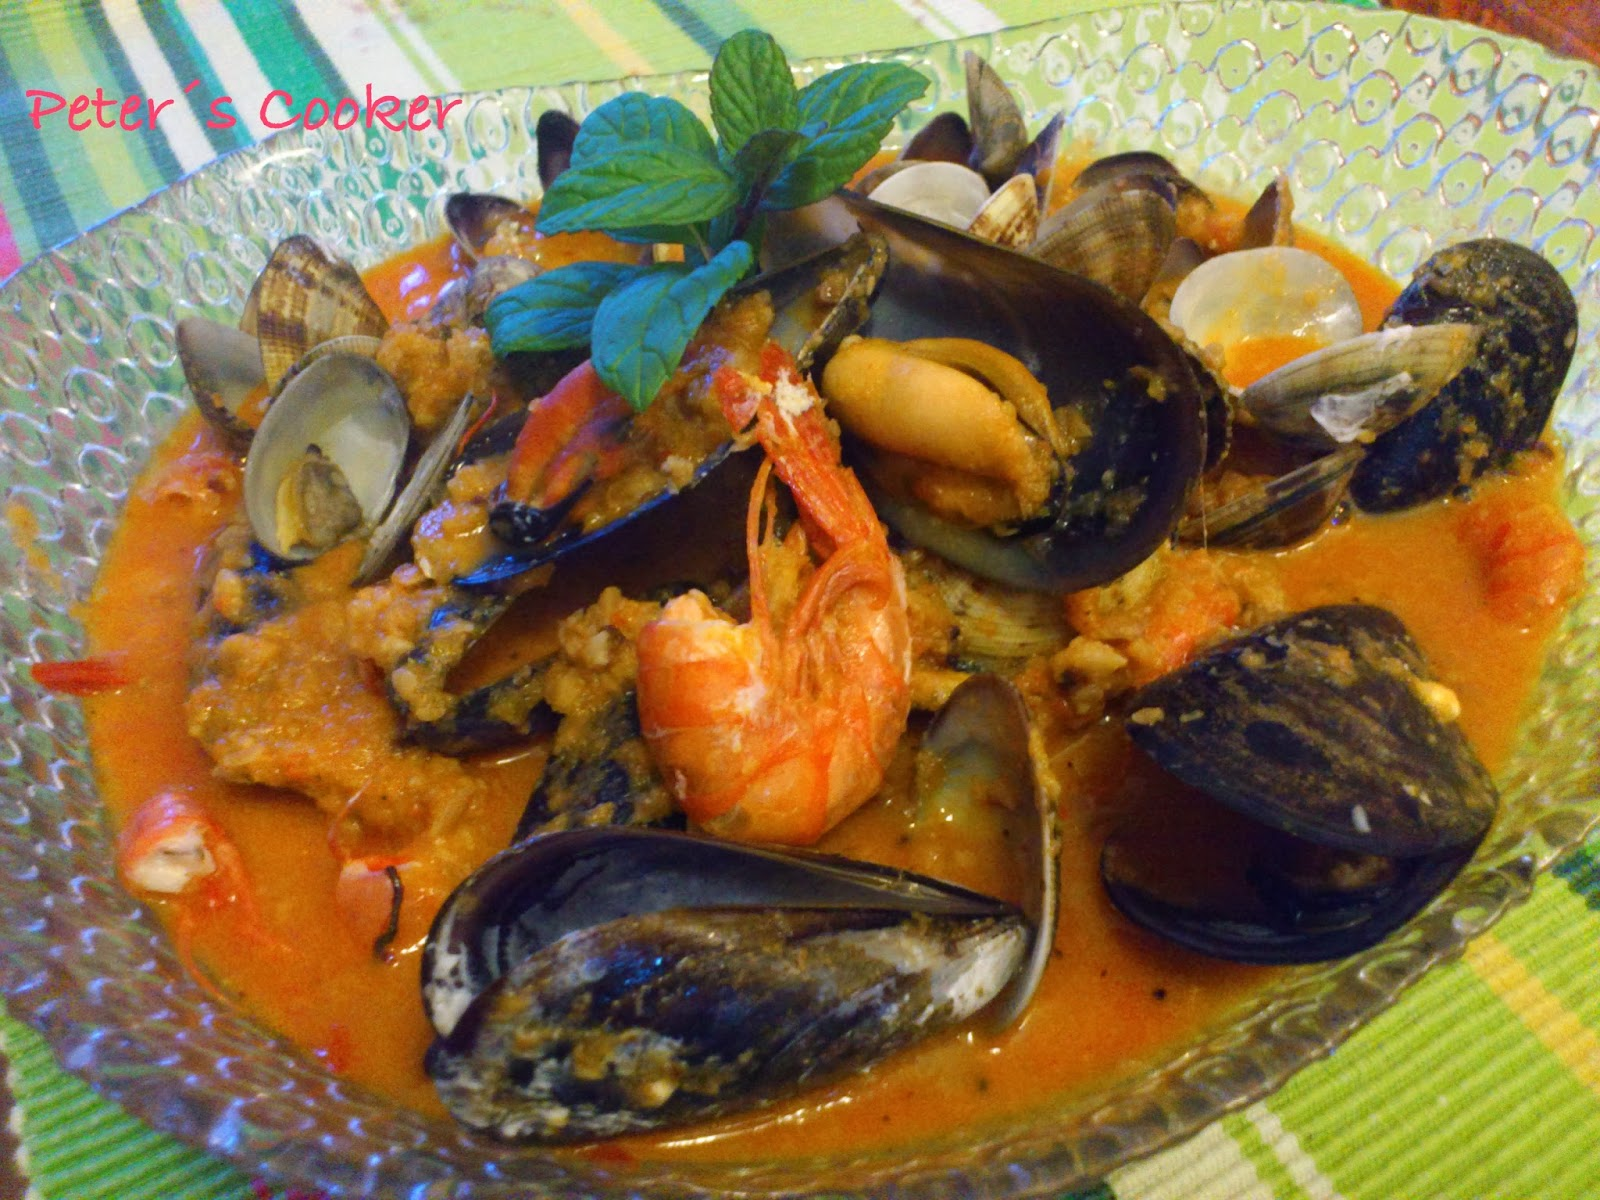 La tentaci n vive arriba zarzuela de pescado y marisco for Cocinar zarzuela